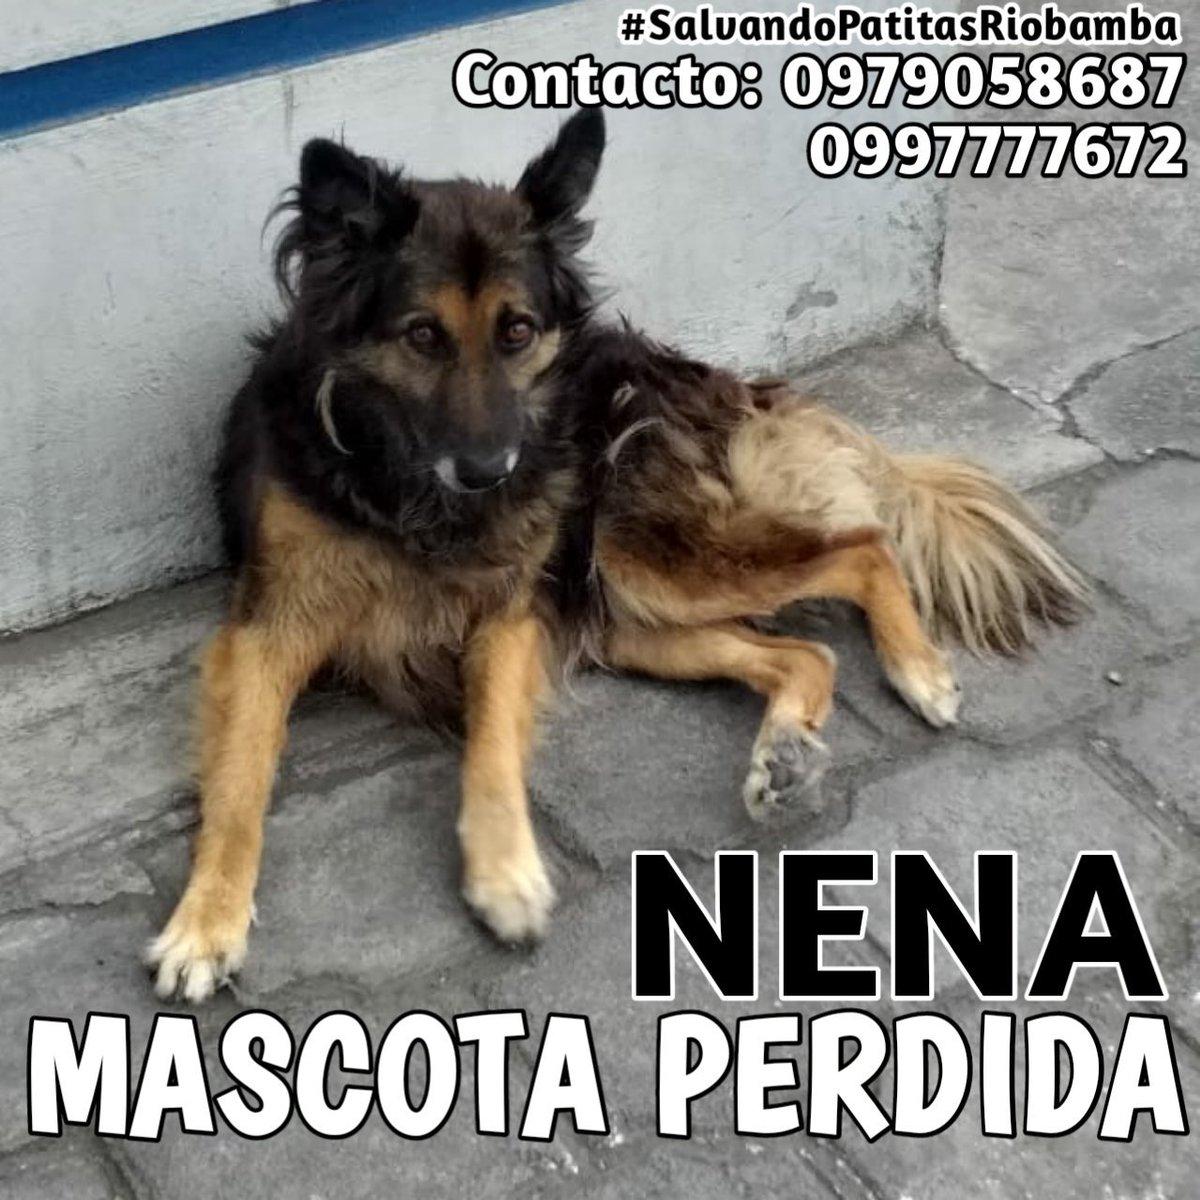 denisCORVUS Riobamba